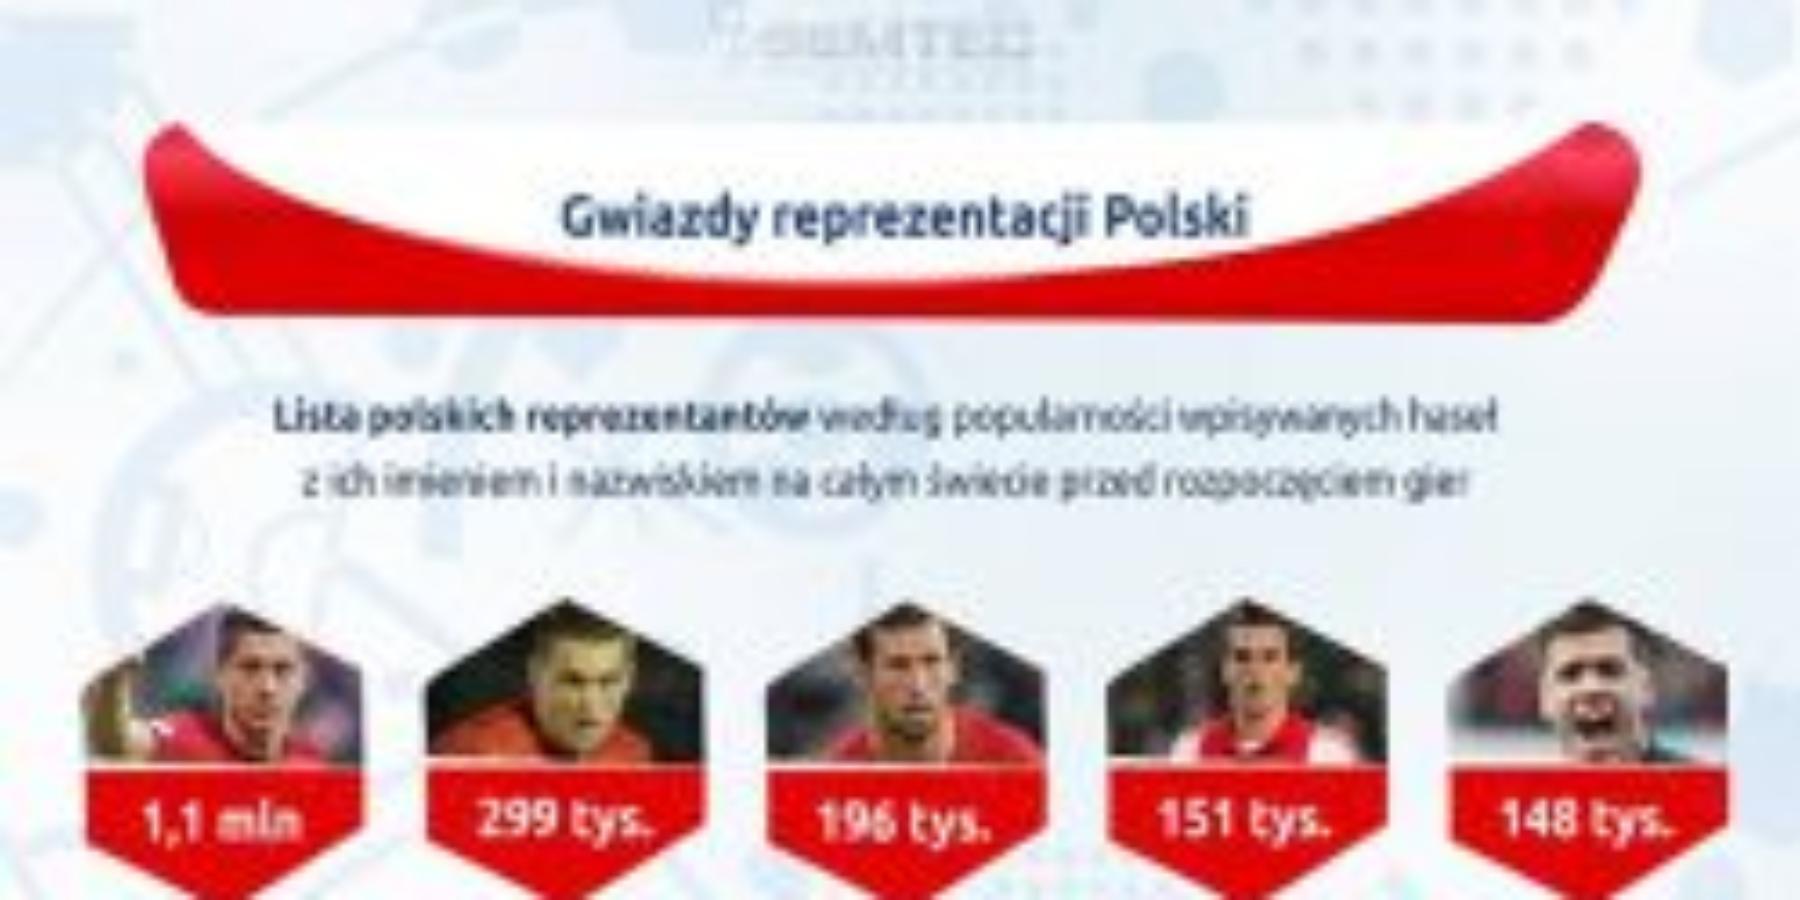 Euro 2016 wliczbach – kto podbił Google ijak prezentuje się ranking najpopularniejszych drużyn ipiłkarzy? [INFOGRAFIKA]